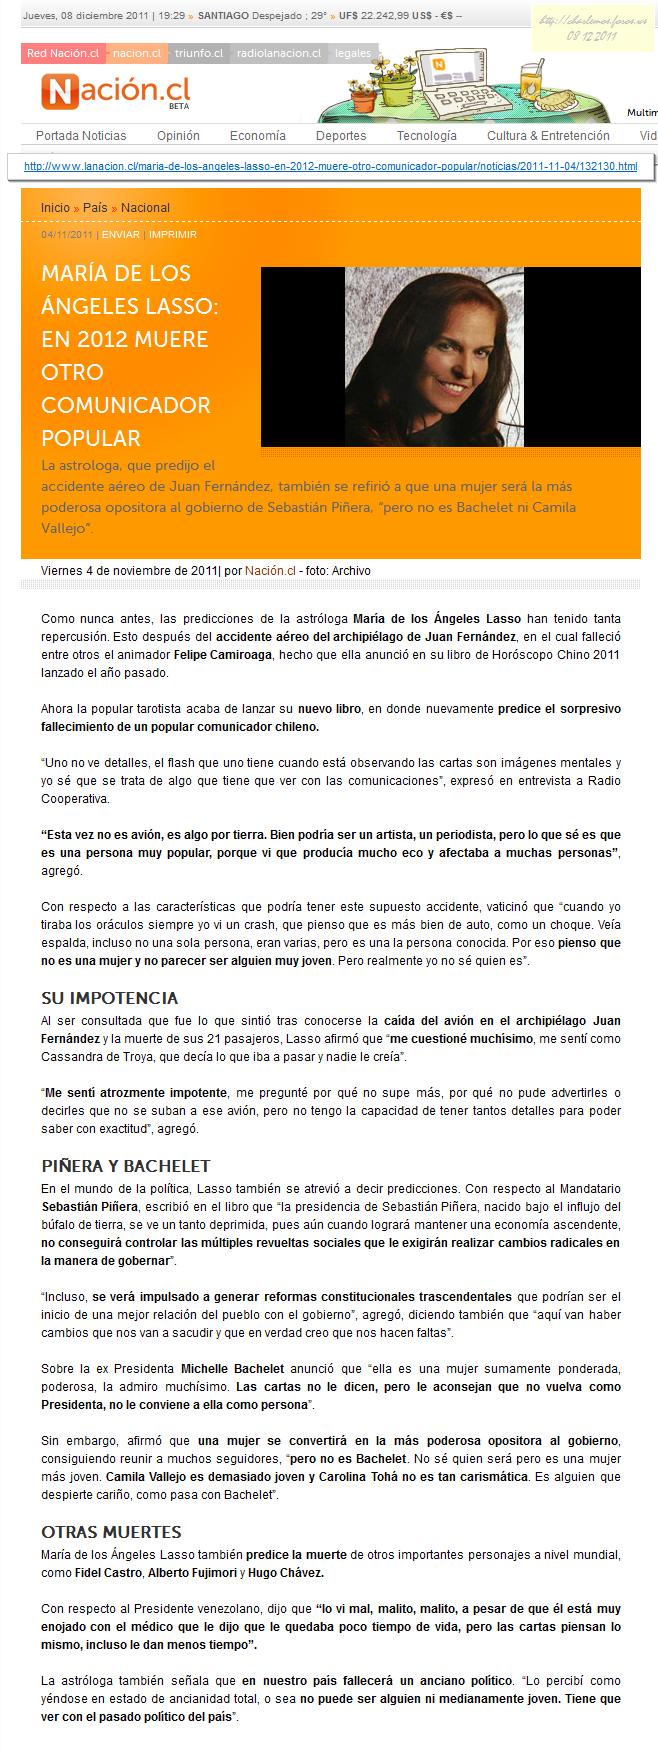 VIDENTES ACERTADOS, SUS PREDICCIONES PARA EL 2012 3140857382